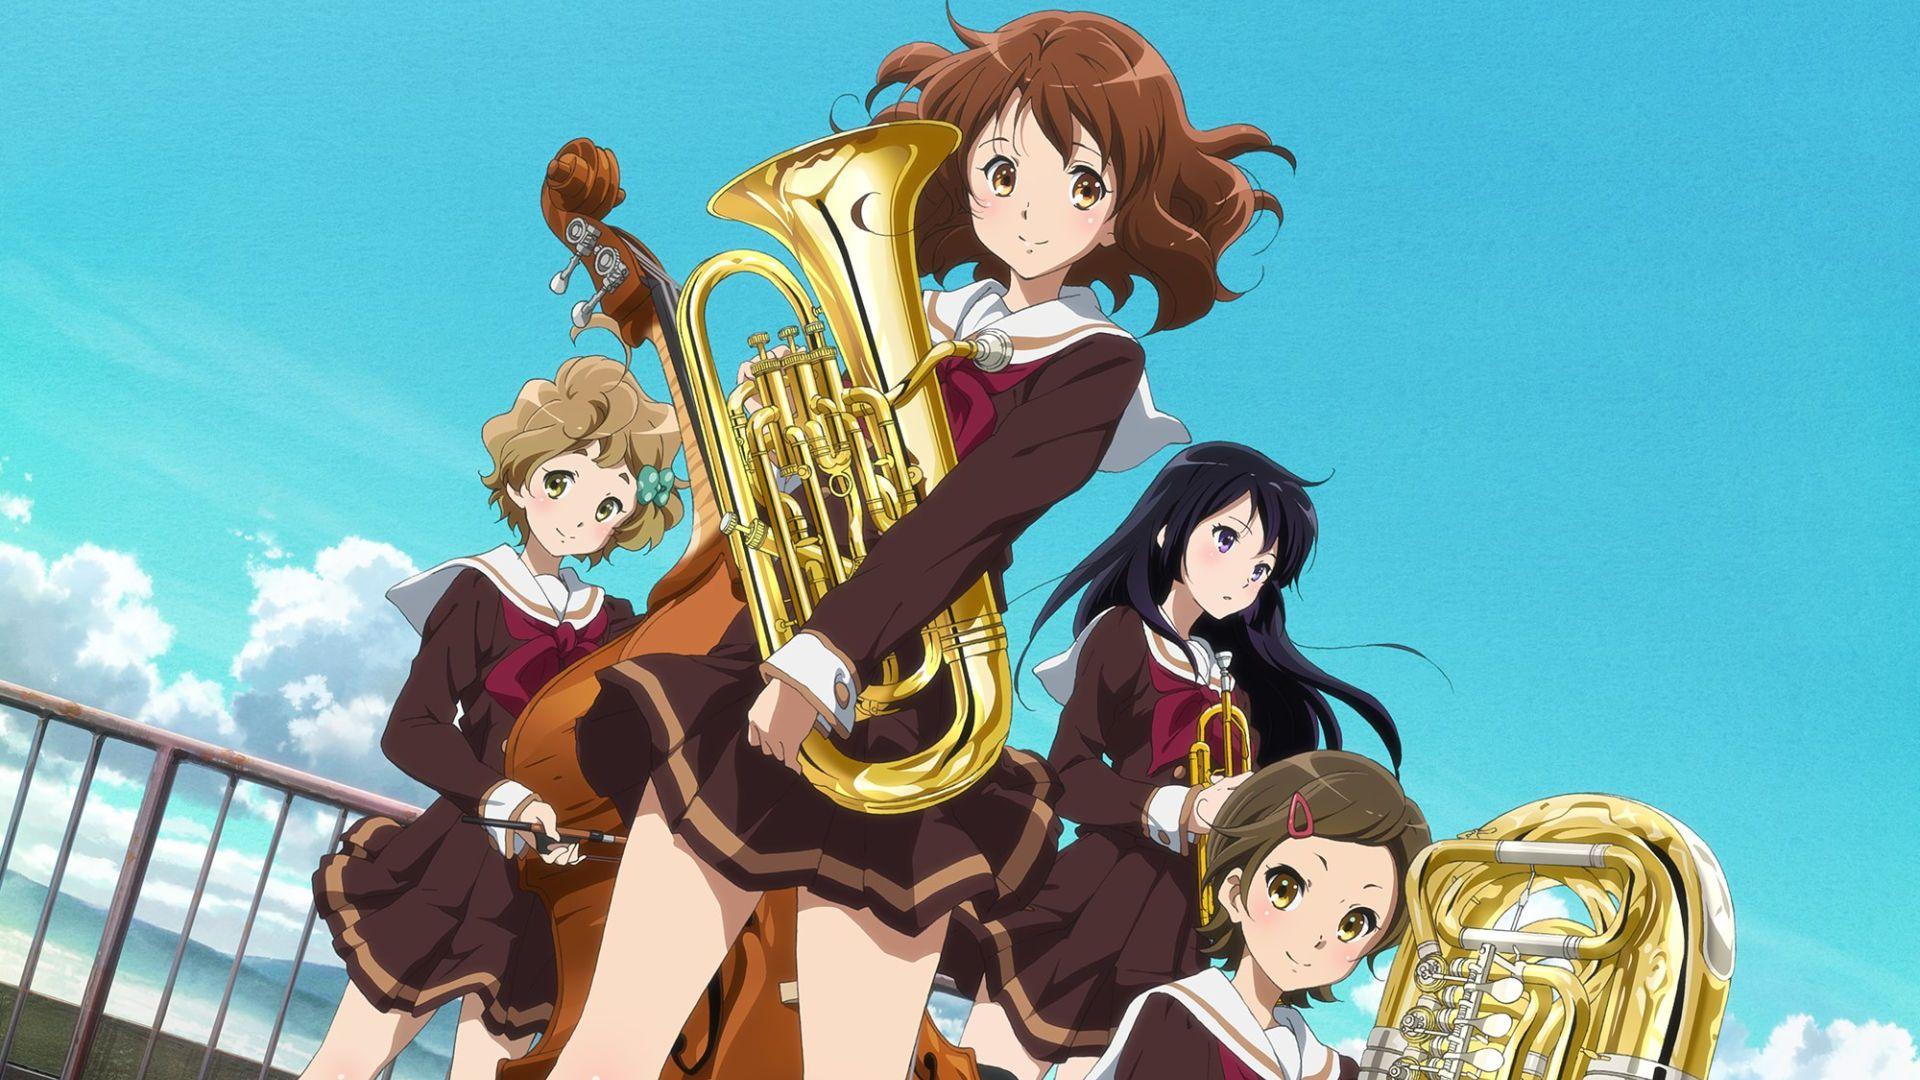 京アニ作品 響け ユーフォニアム モデルの学校が吹奏楽コンクールで金賞 りろうしblog